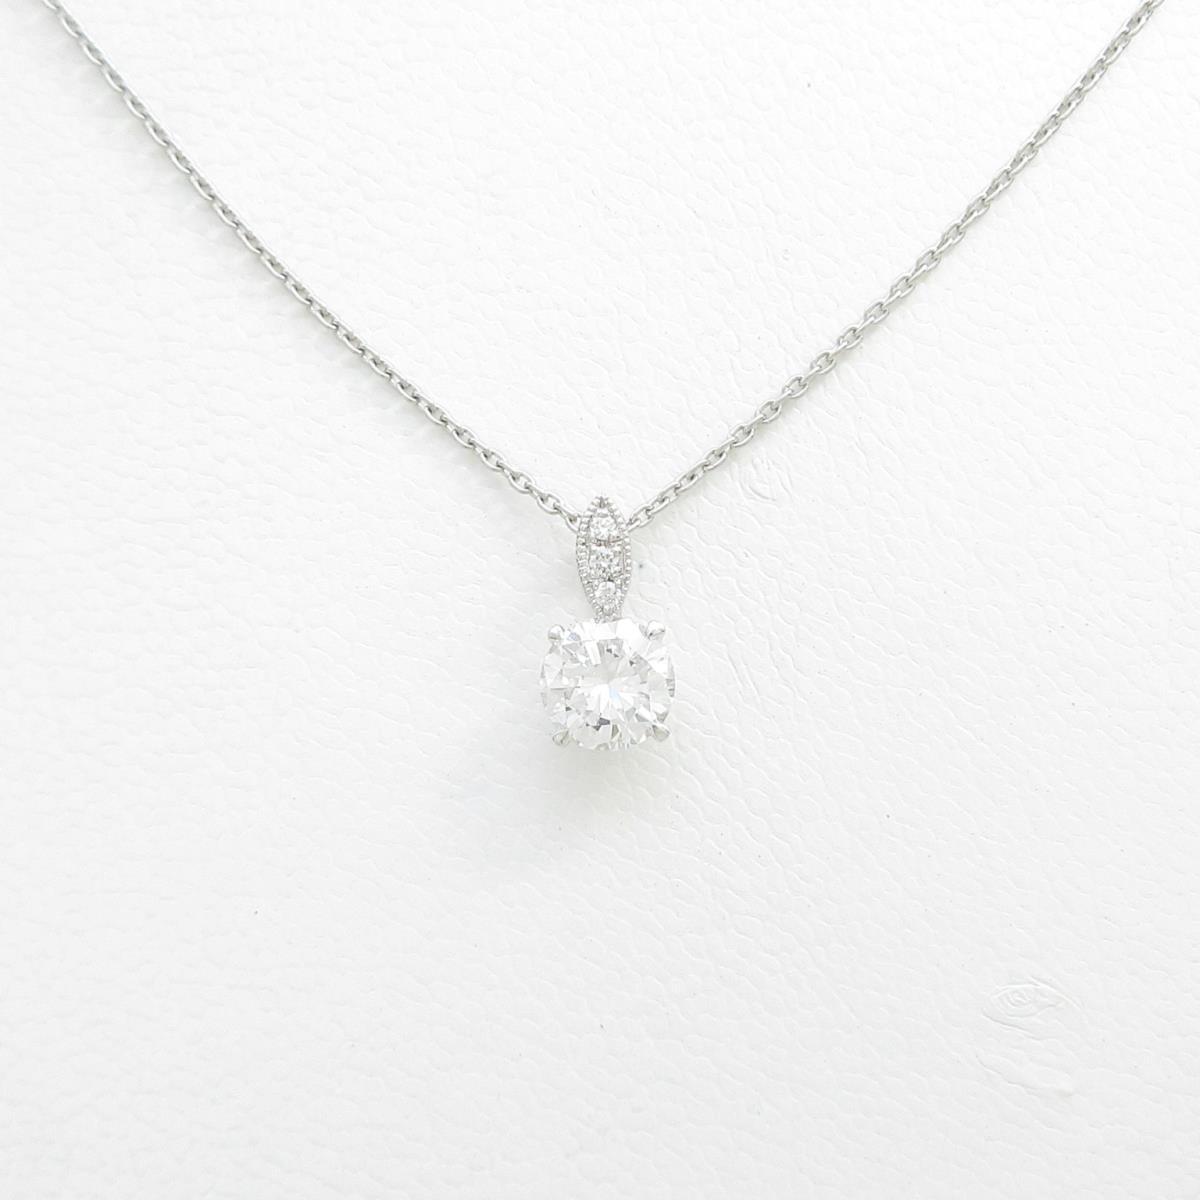 【リメイク】プラチナダイヤモンドネックレス 0.714ct・F・VS1・GOOD【中古】